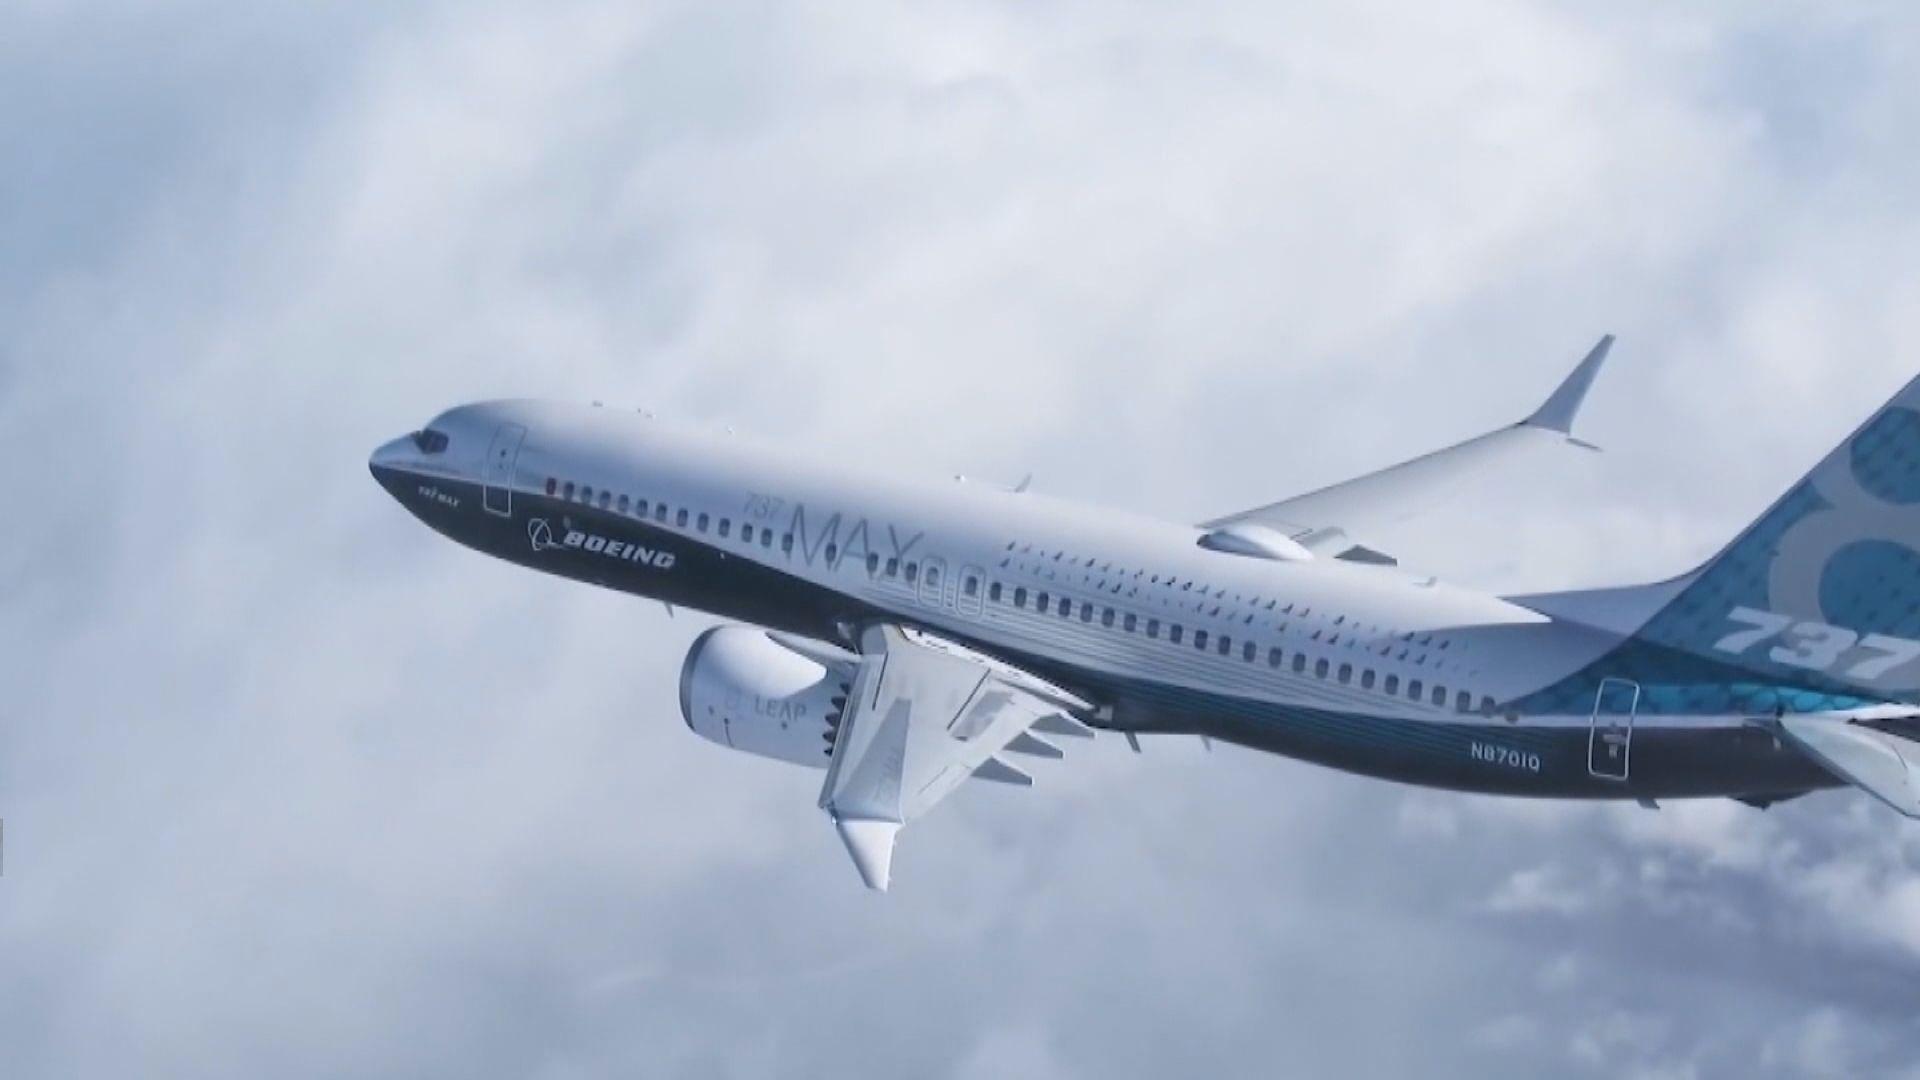 美眾議院發布波音737Max客機空難調查報告 批波音利益凌駕安全